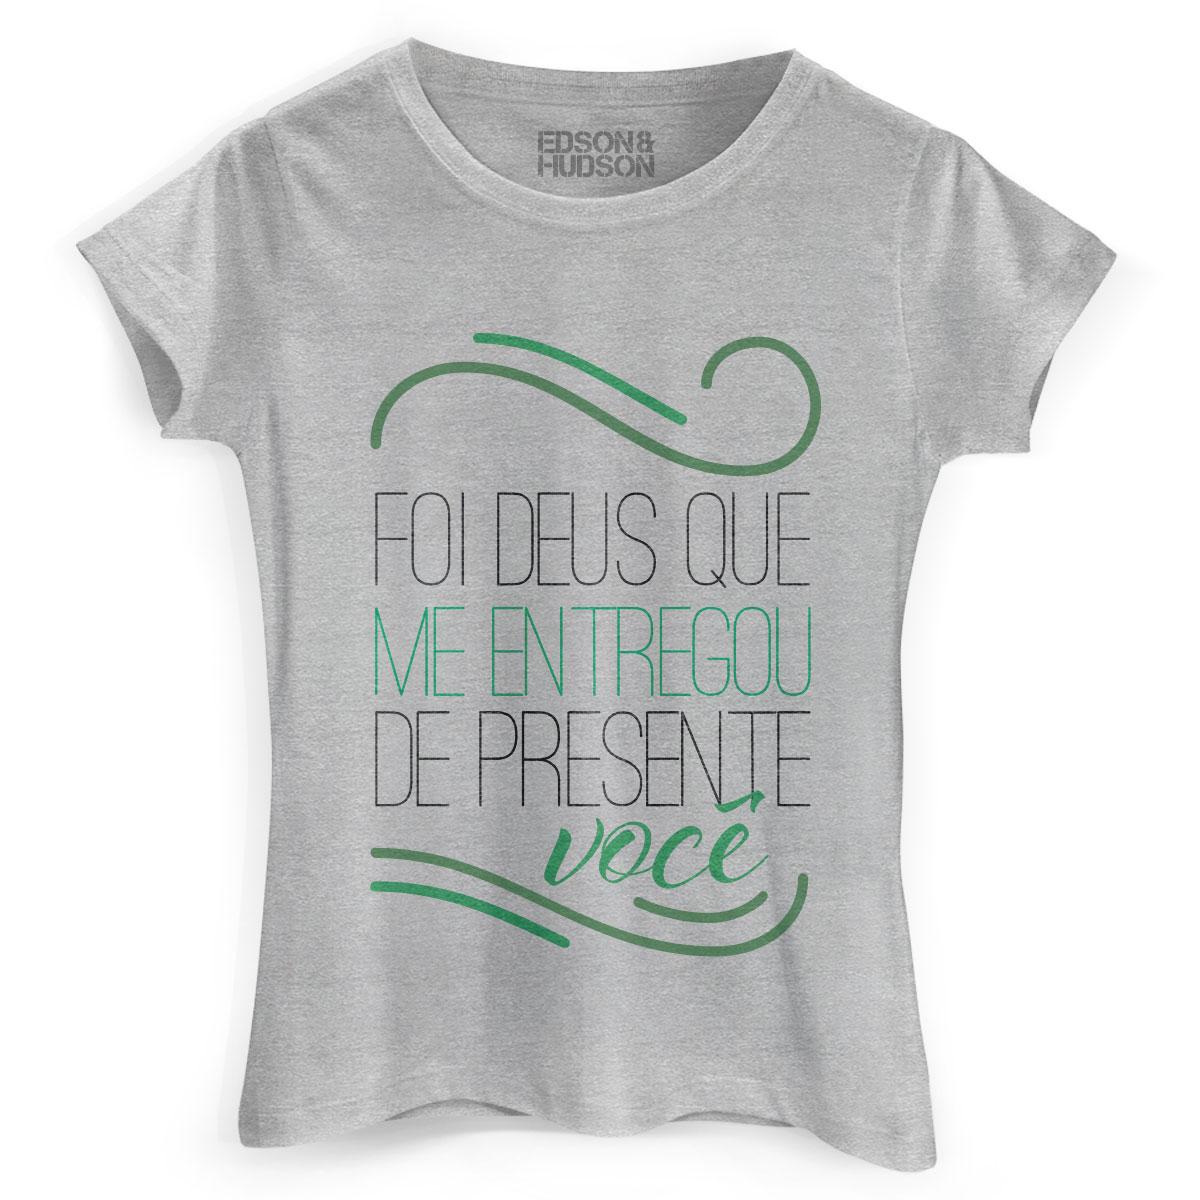 Camiseta Feminina Edson & Hudson Foi Deus